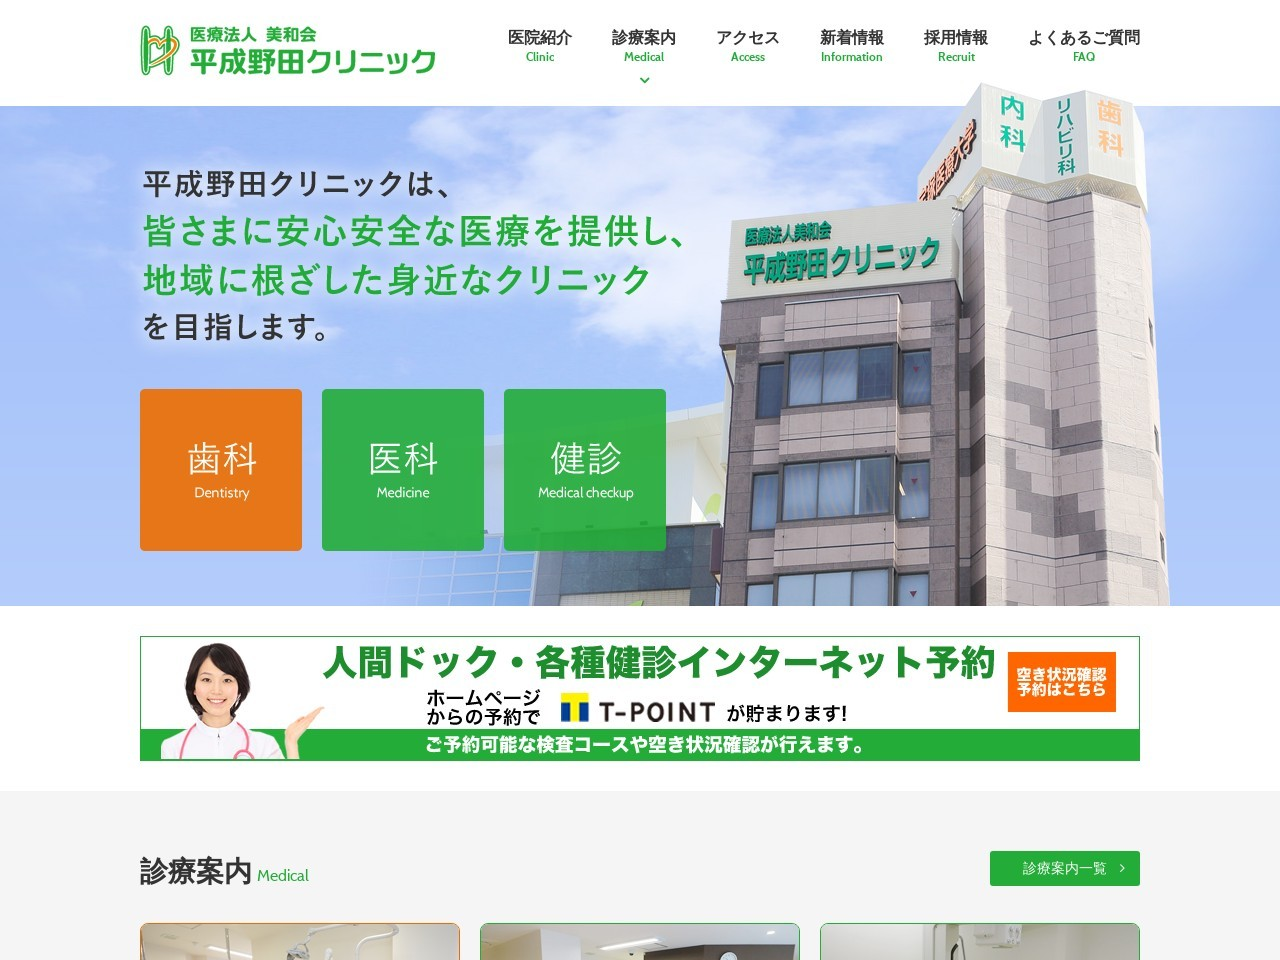 医療法人 美和会  平成野田クリニック (大阪府大阪市福島区)